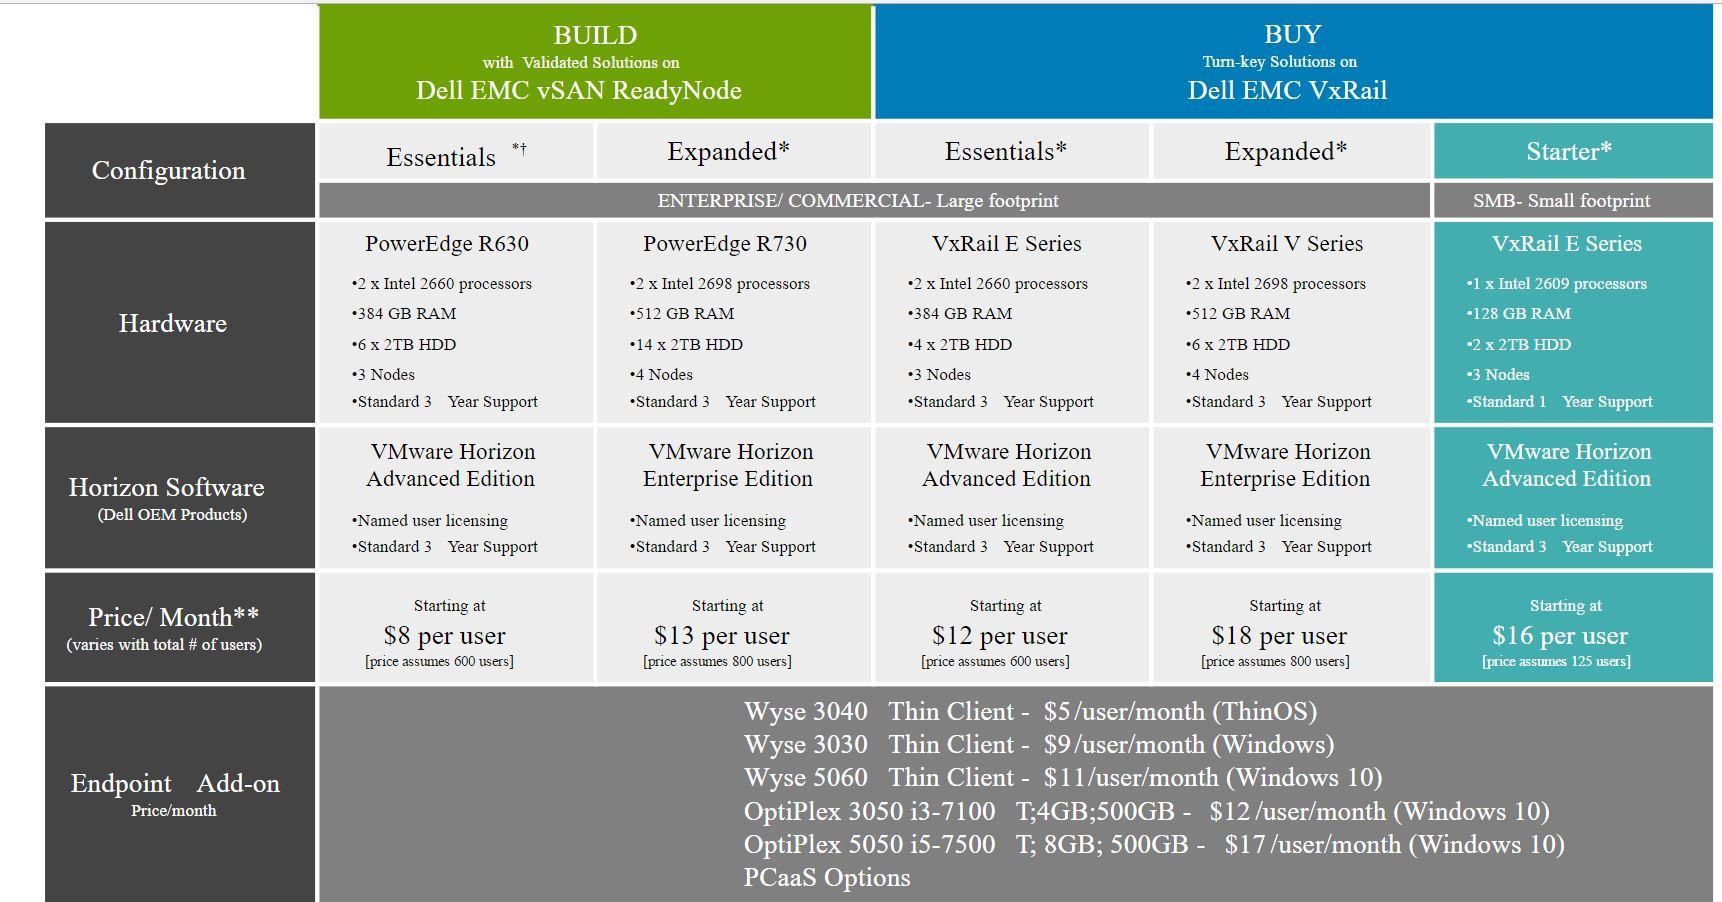 Dell EMC und VMware integrieren nach der Übernahme von EMC die beiden Produklinien und bieten ein Preisstaffelung an, die etwa der Struktur von Cloud-VDIs entspricht. (Bild: Dell EMC)